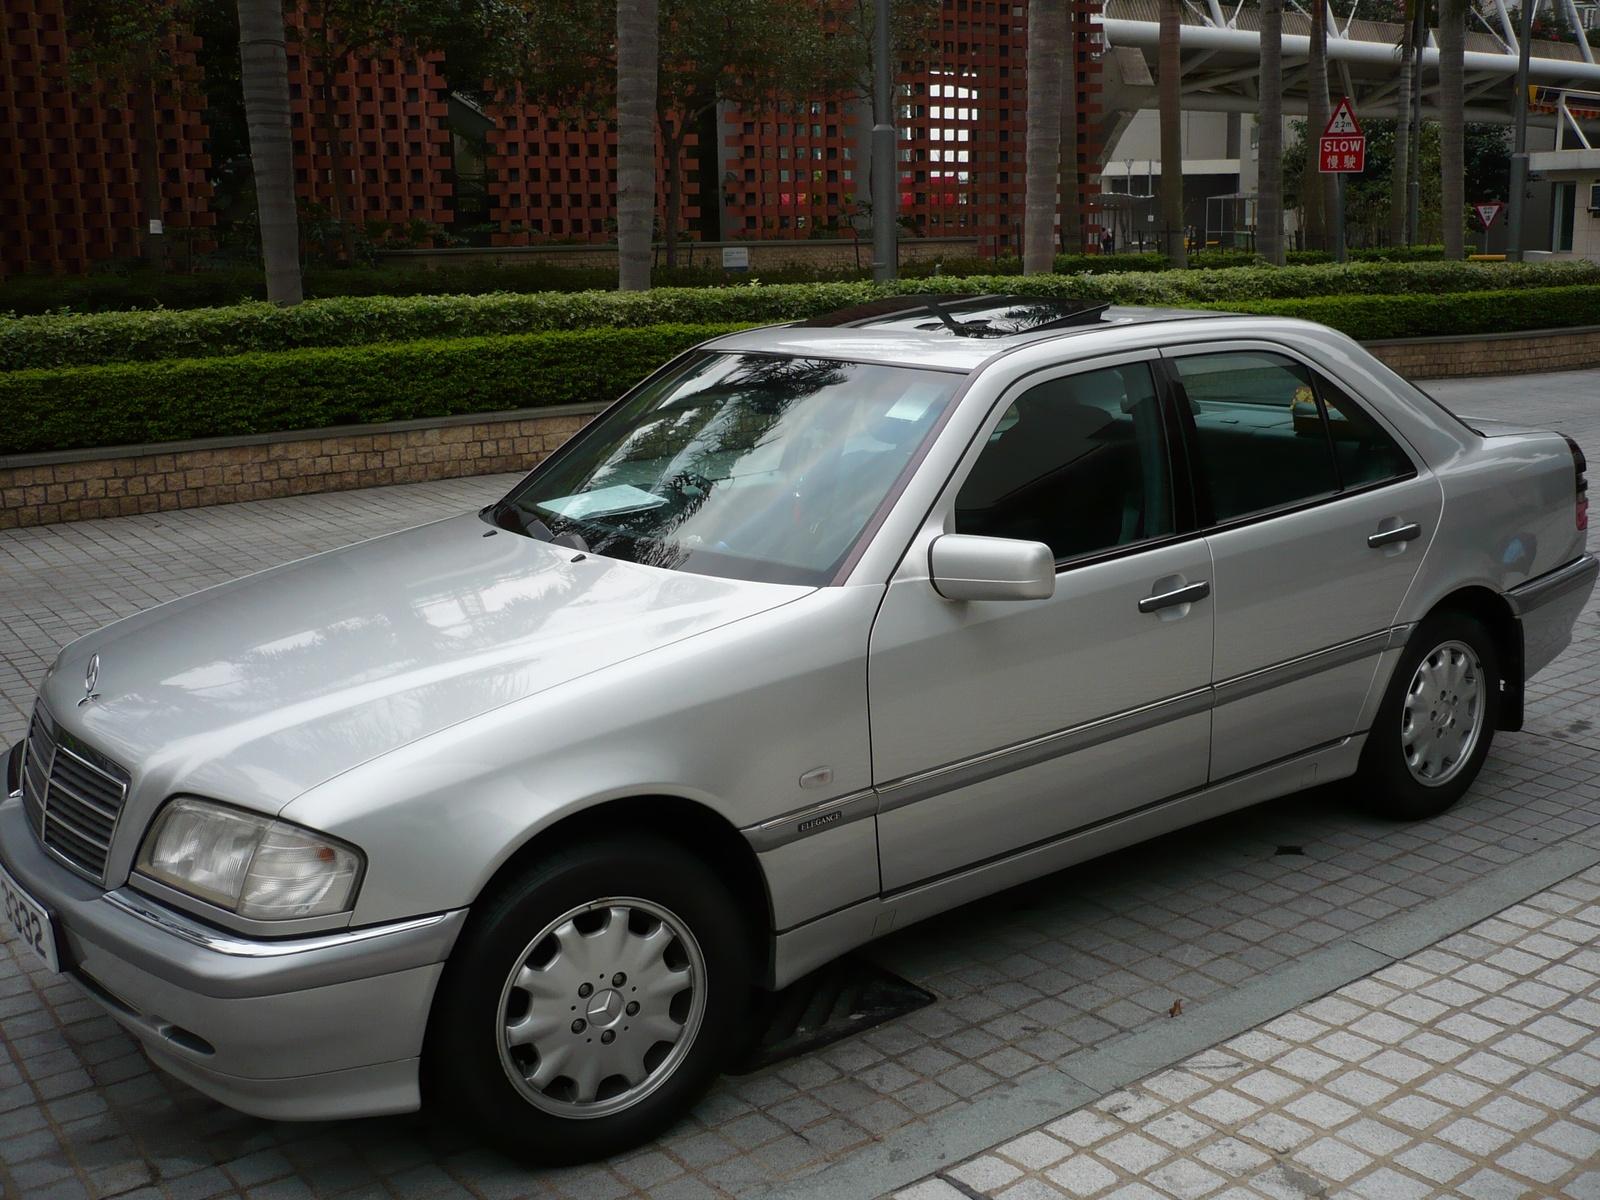 1997 Mercedes-Benz C-Class Consumer Reviews | Cars.com